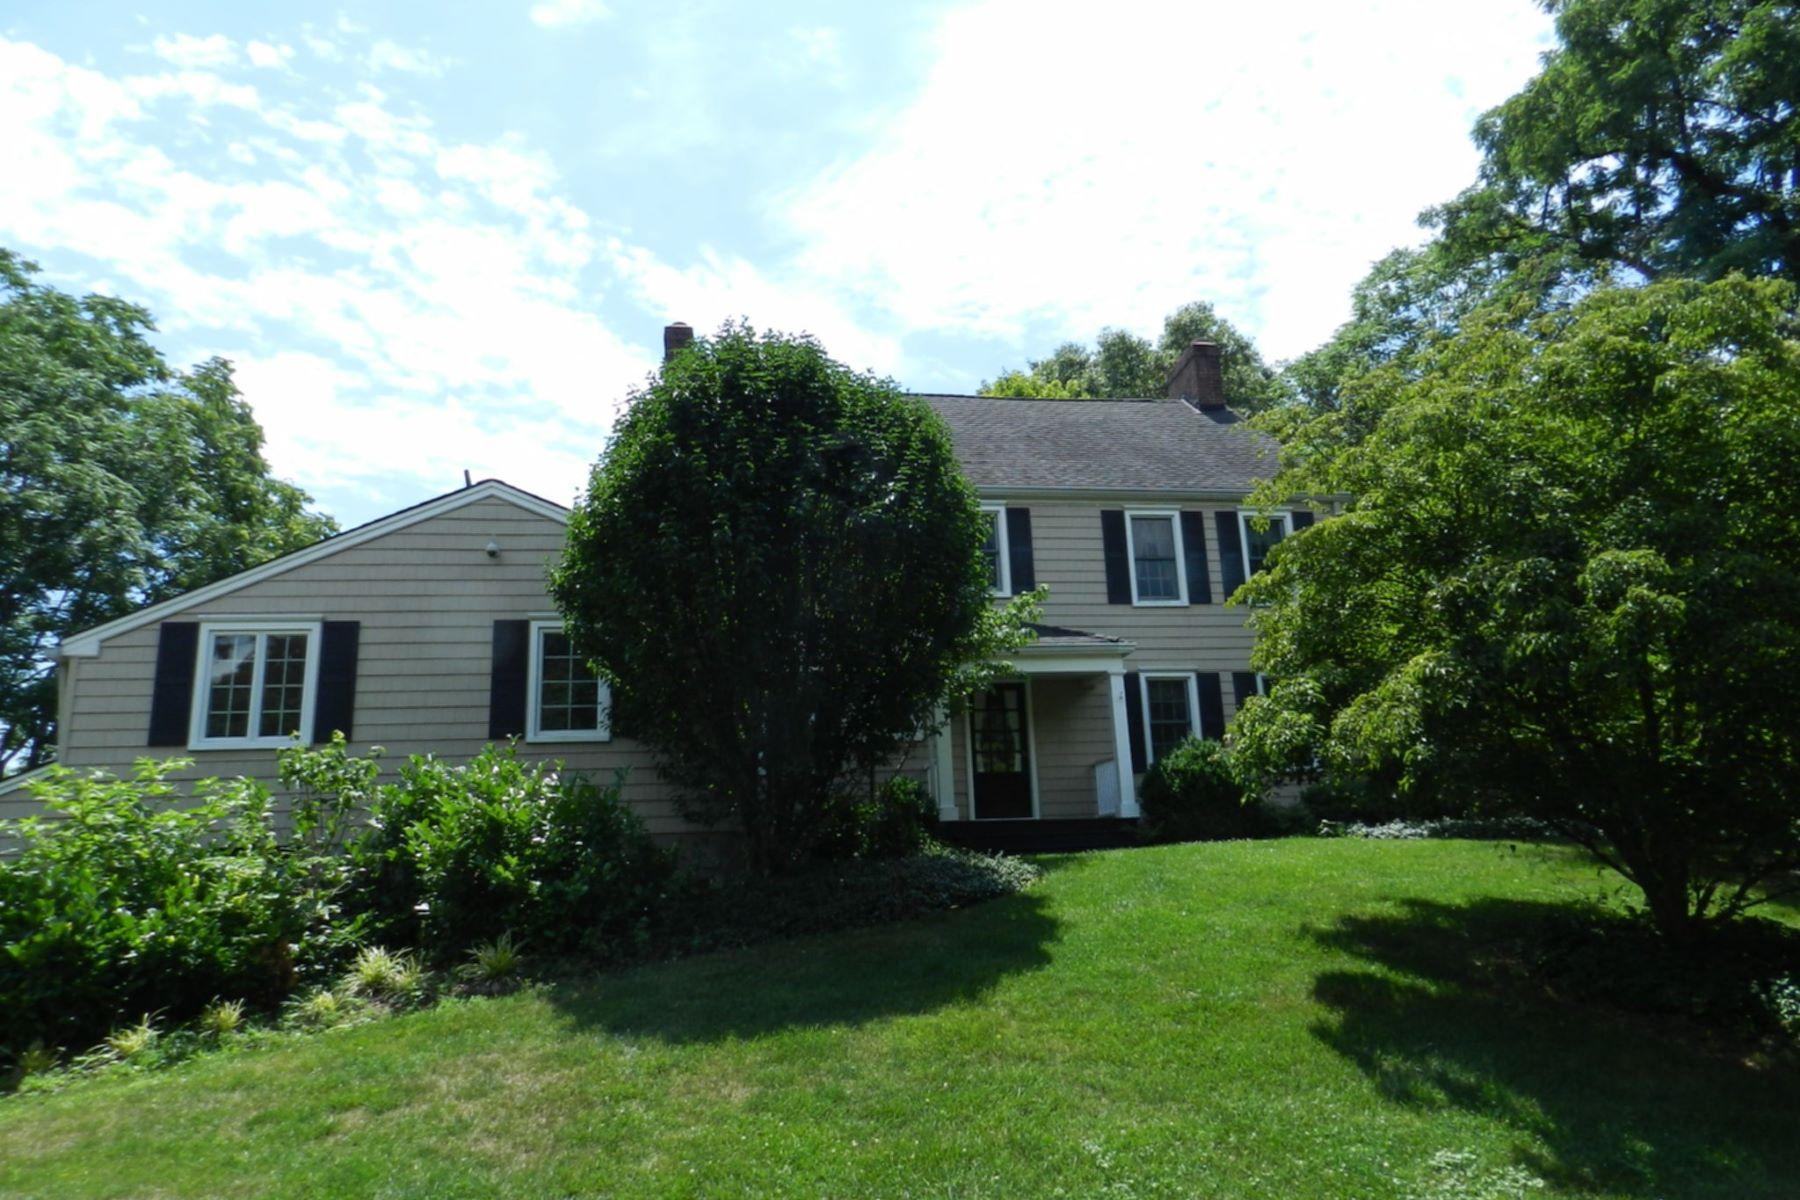 独户住宅 为 销售 在 One of a Kind Home 1707 Woodland Ave 爱迪生, 新泽西州 08820 美国